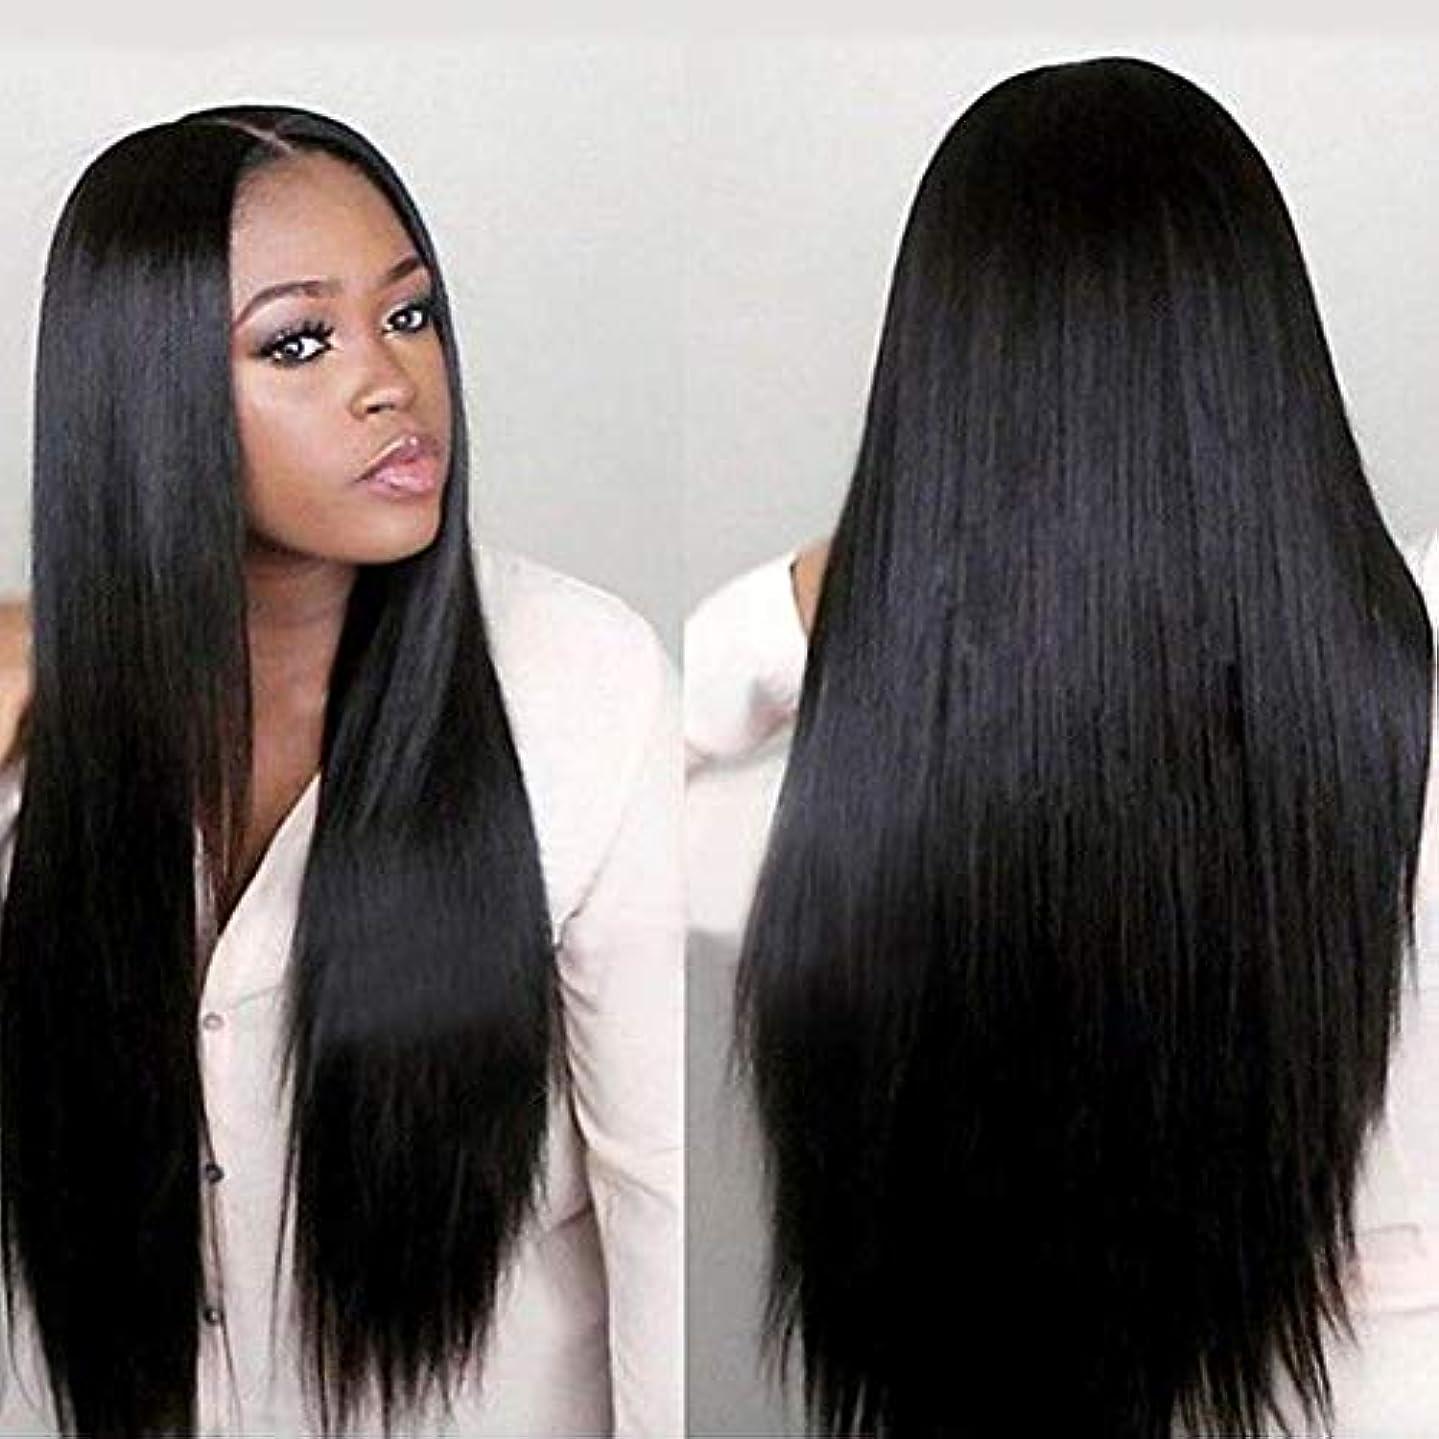 クリークカテゴリー製品slQinjiansav女性ウィッグ修理ツール女性黒ロングストレートレースフロントローズネット人間の髪の毛ウィッグナチュラルヘアピース